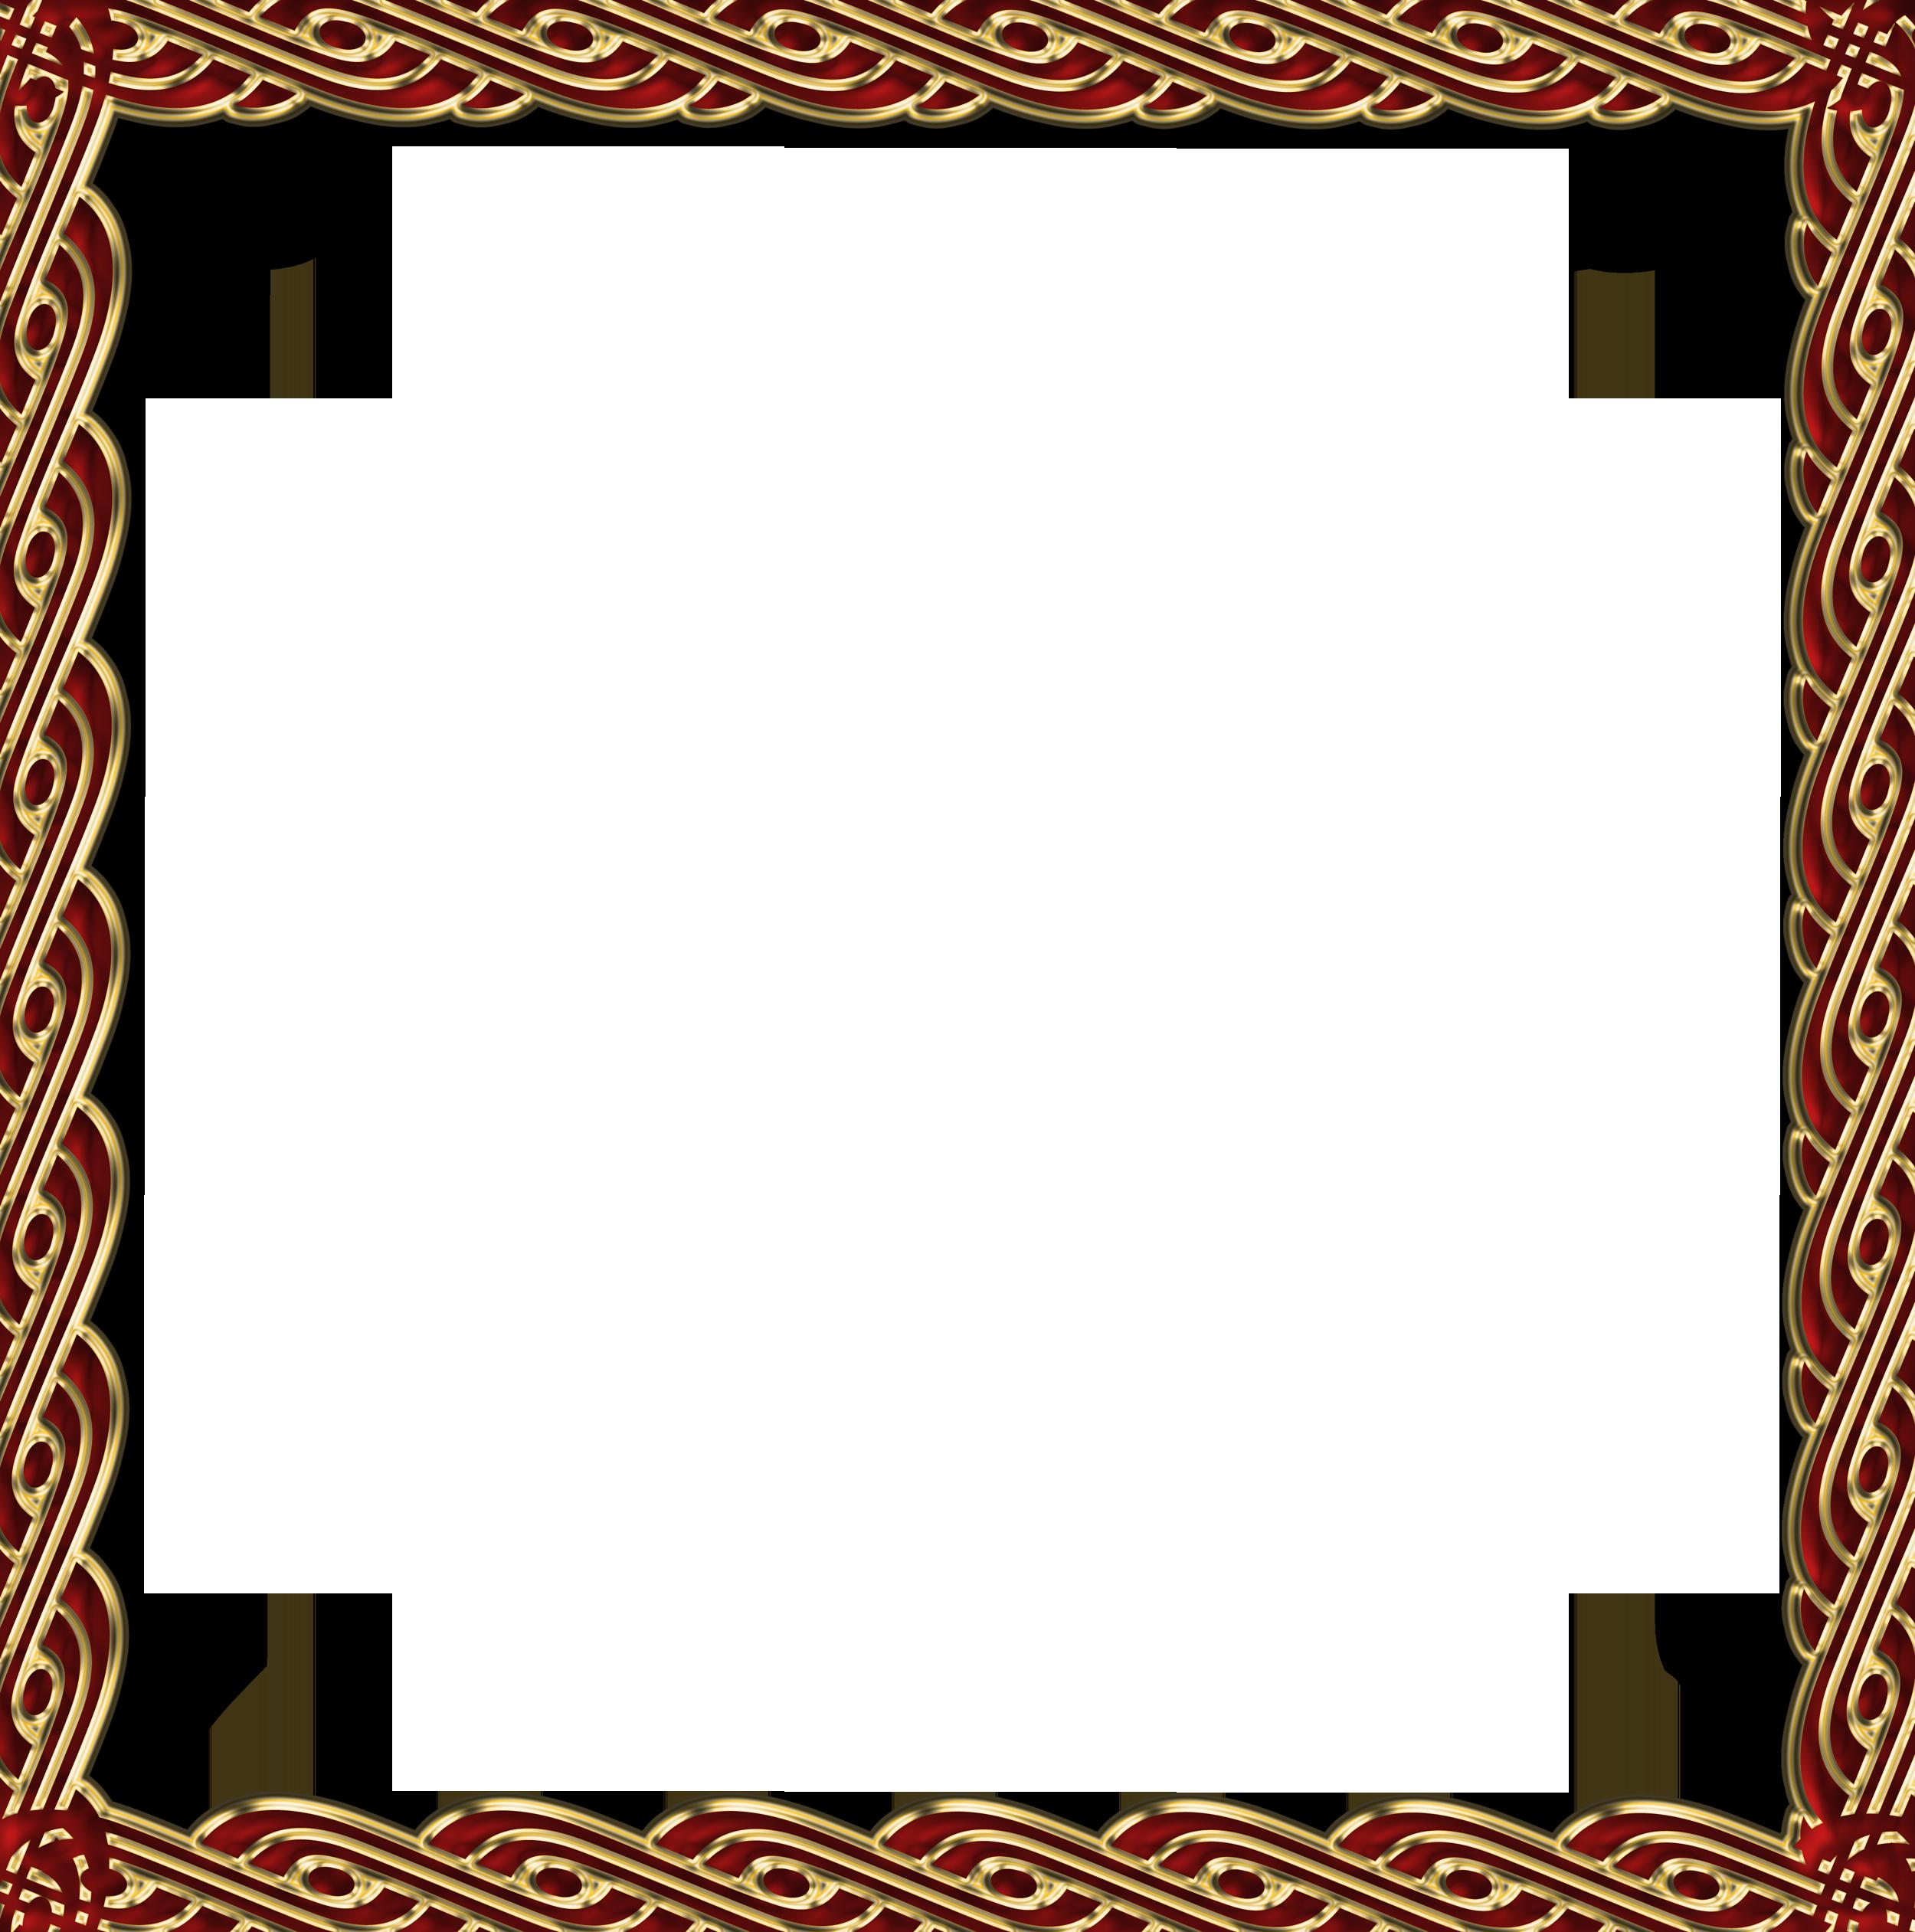 рамки на фото узоры картинки желания